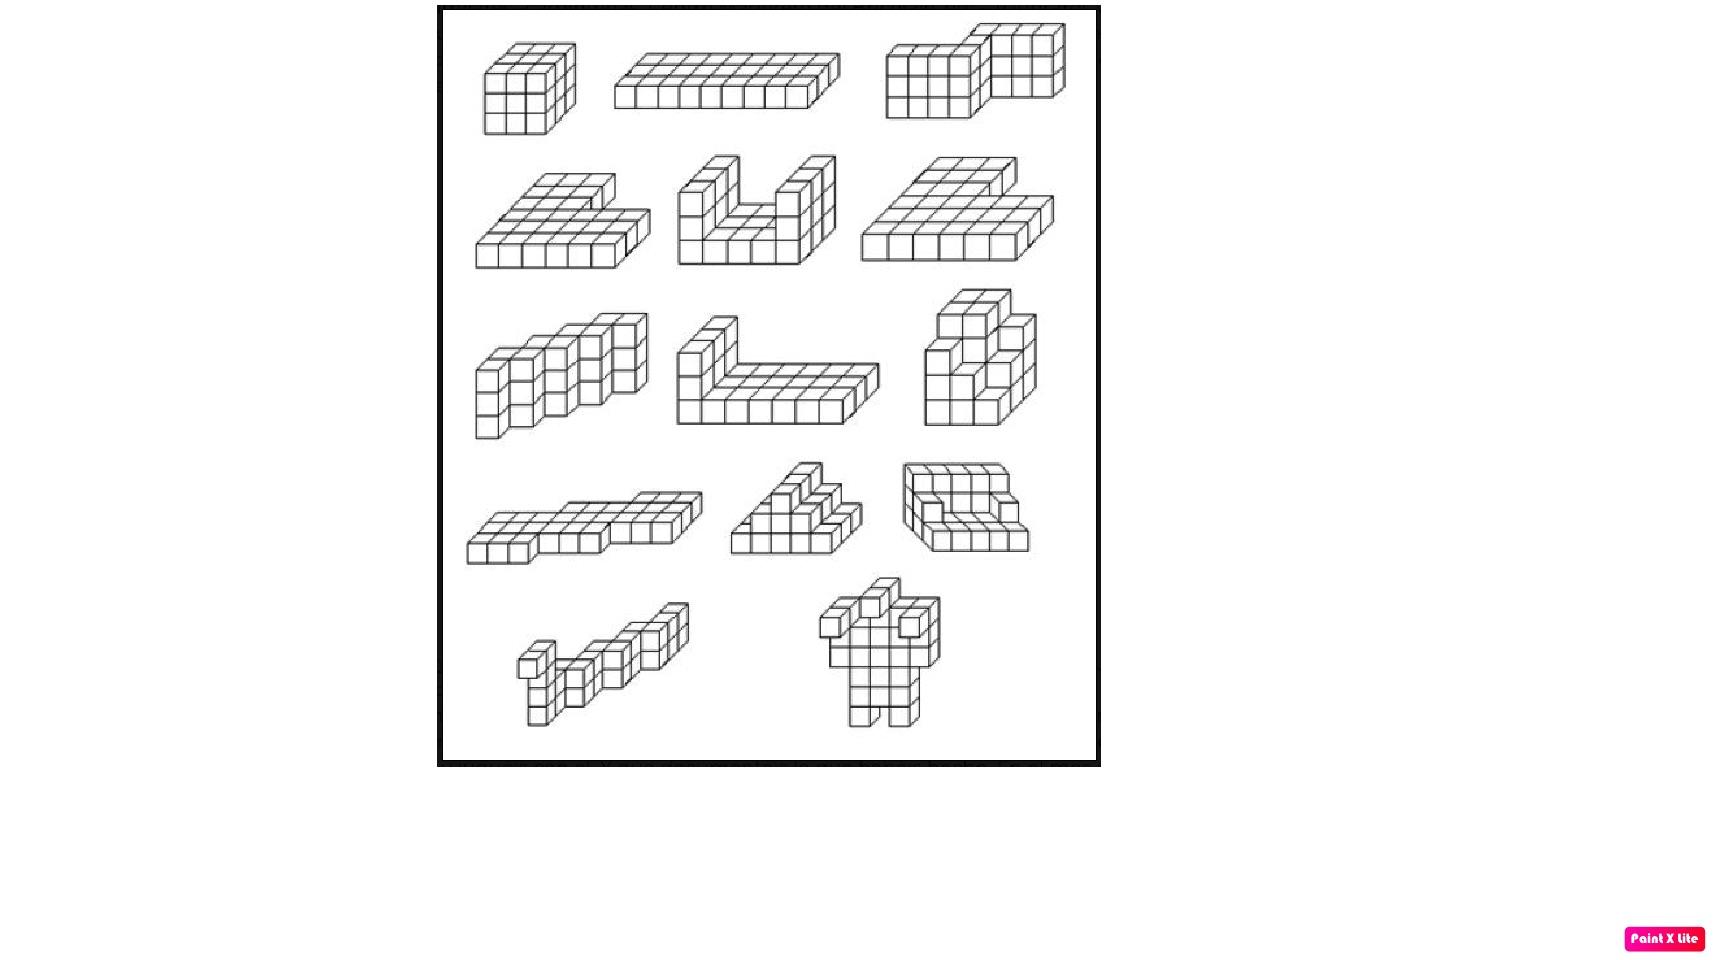 Un+monto%CC%81n+de+cubos.jpg